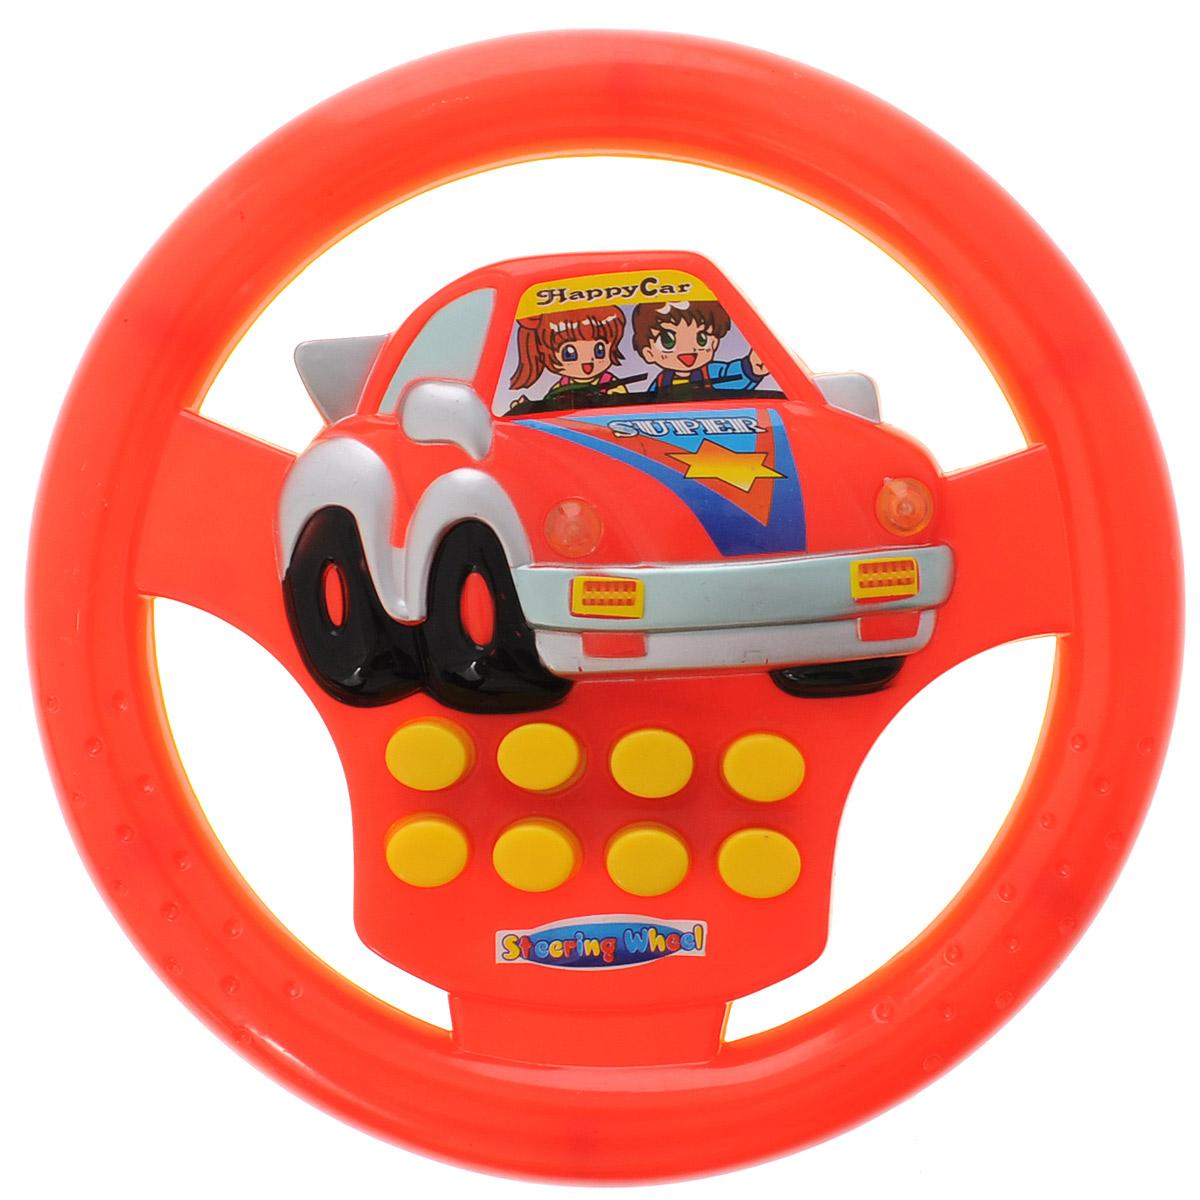 Junfa ToysРазвивающая игрушка Руль цвет красный желтый Junfa Toys Ltd